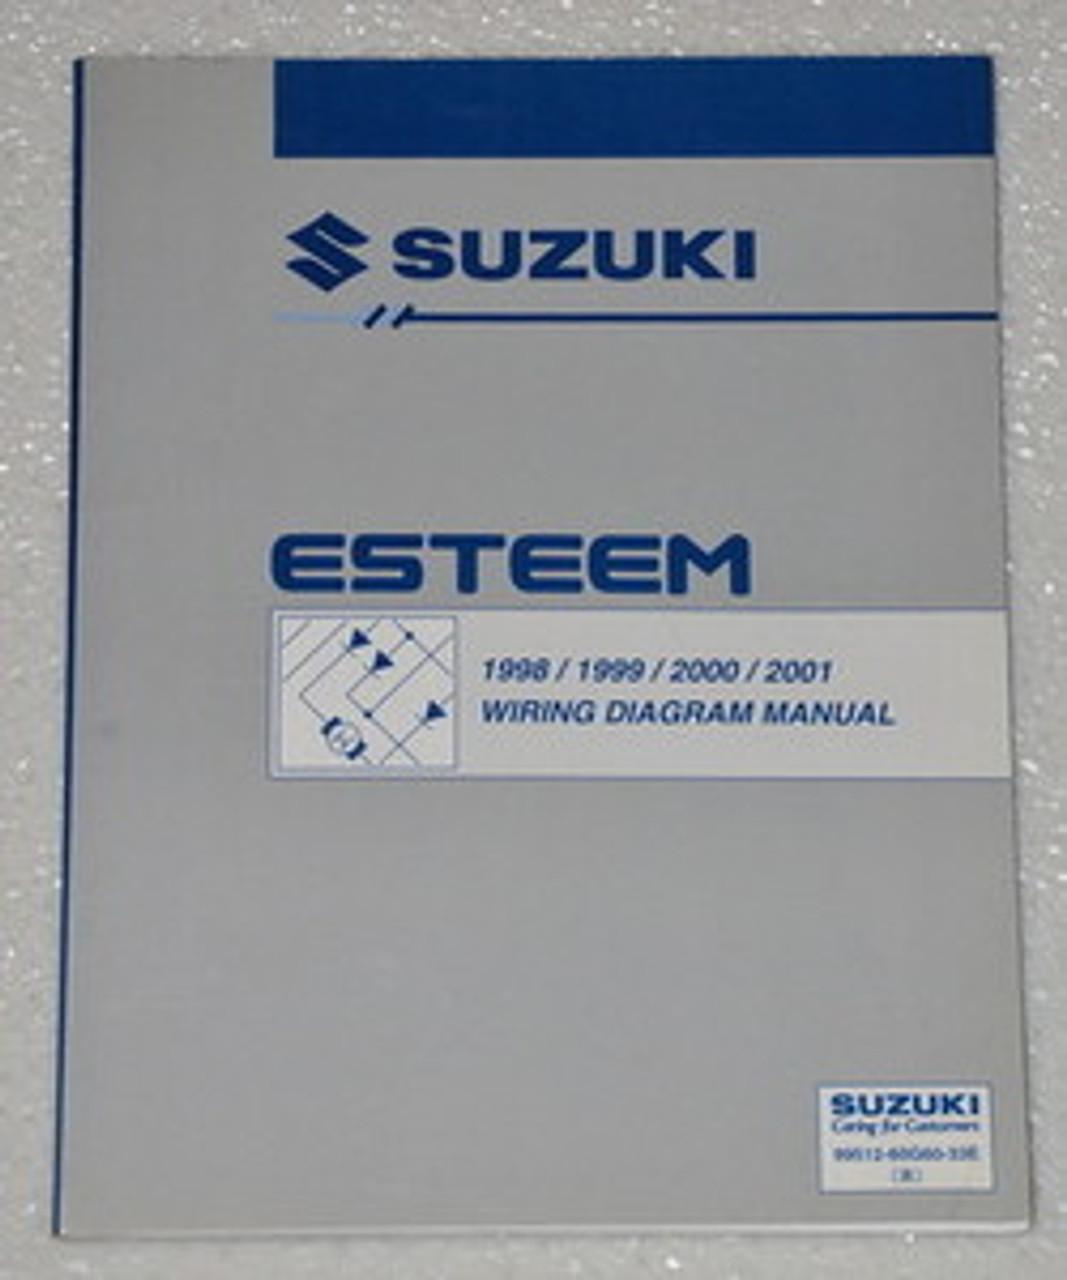 1999 Suzuki Esteem Wiring Diagrams